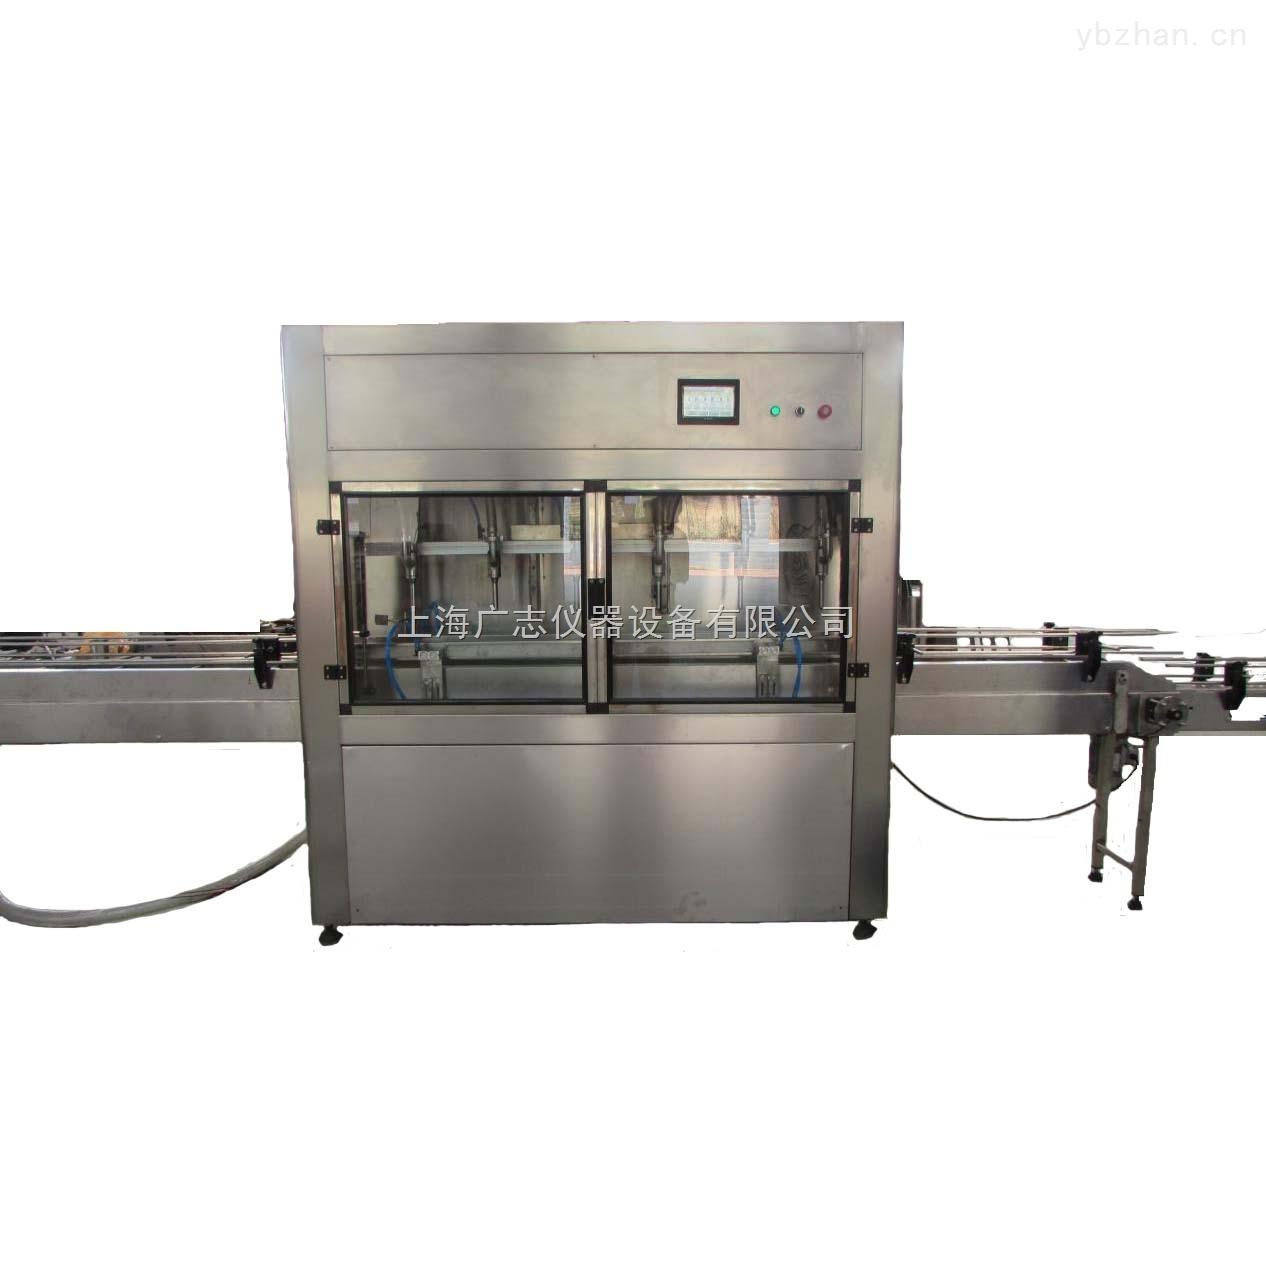 甲醇灌装机 化工甲醇自动包装机